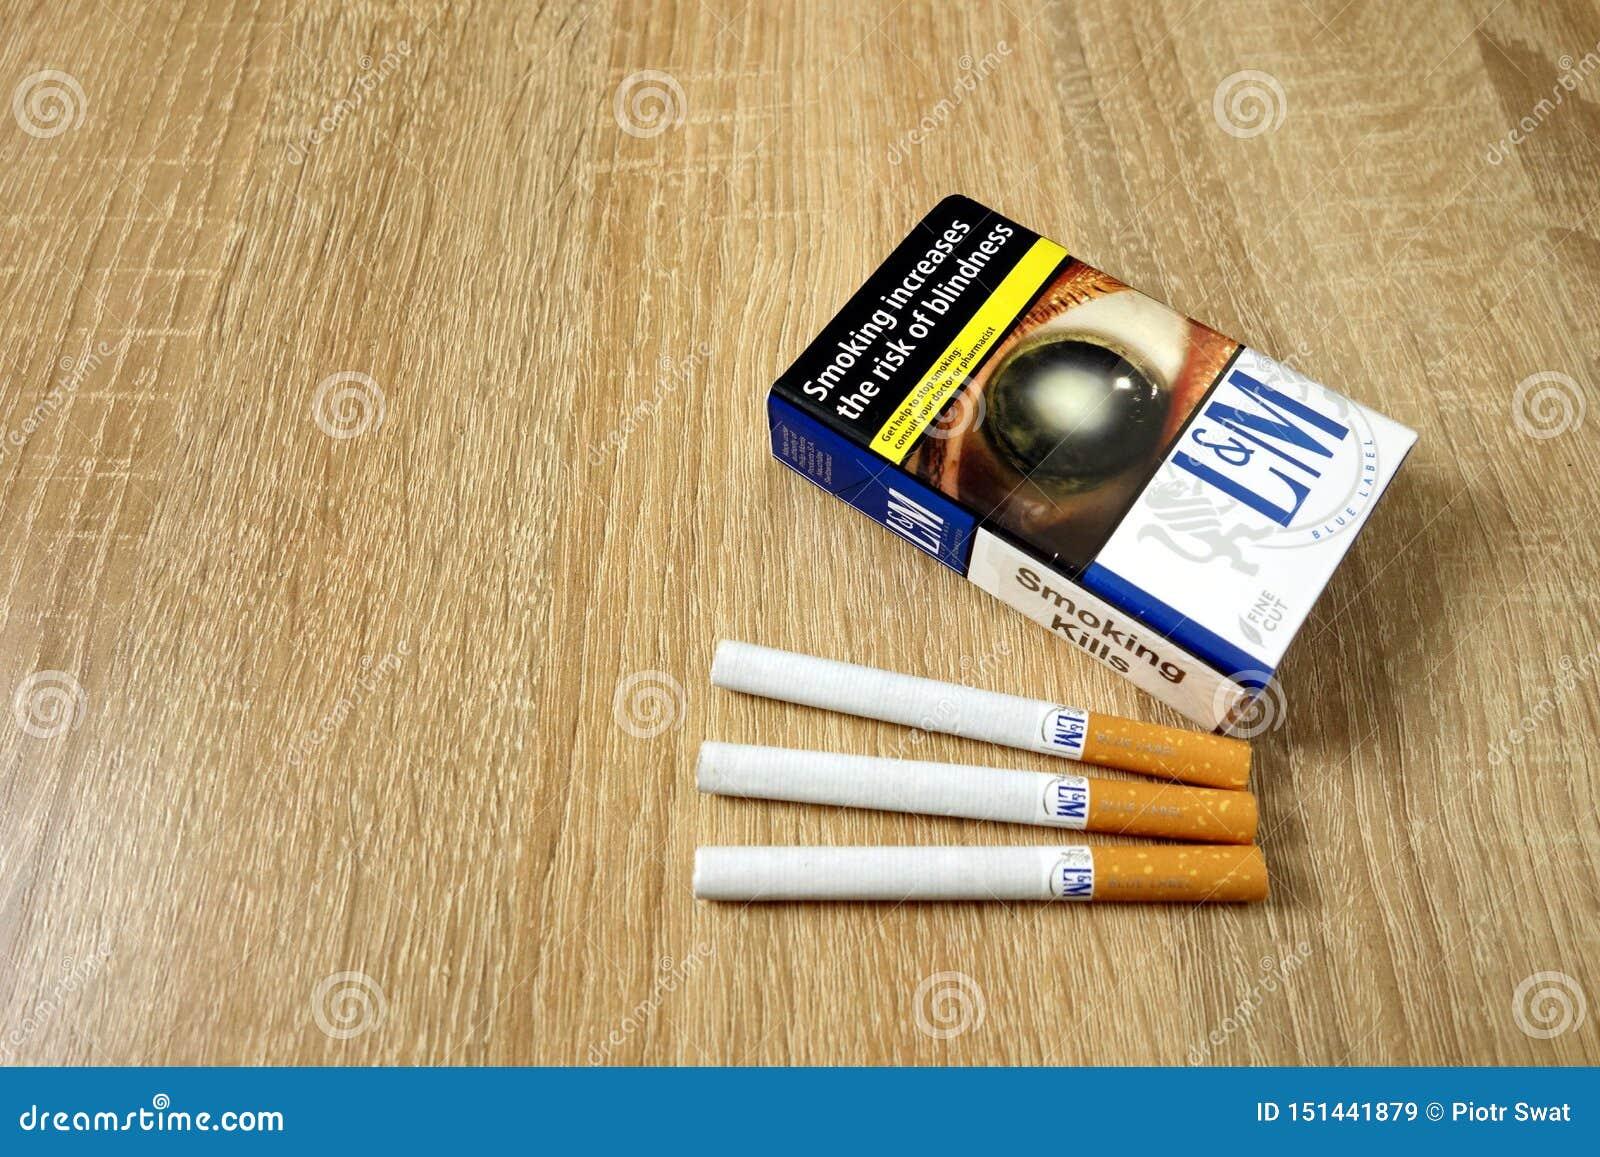 KONSKIE, ПОЛЬША - 21-ое июня 2019: Голубой пакет LM сигарет на деревянном столе